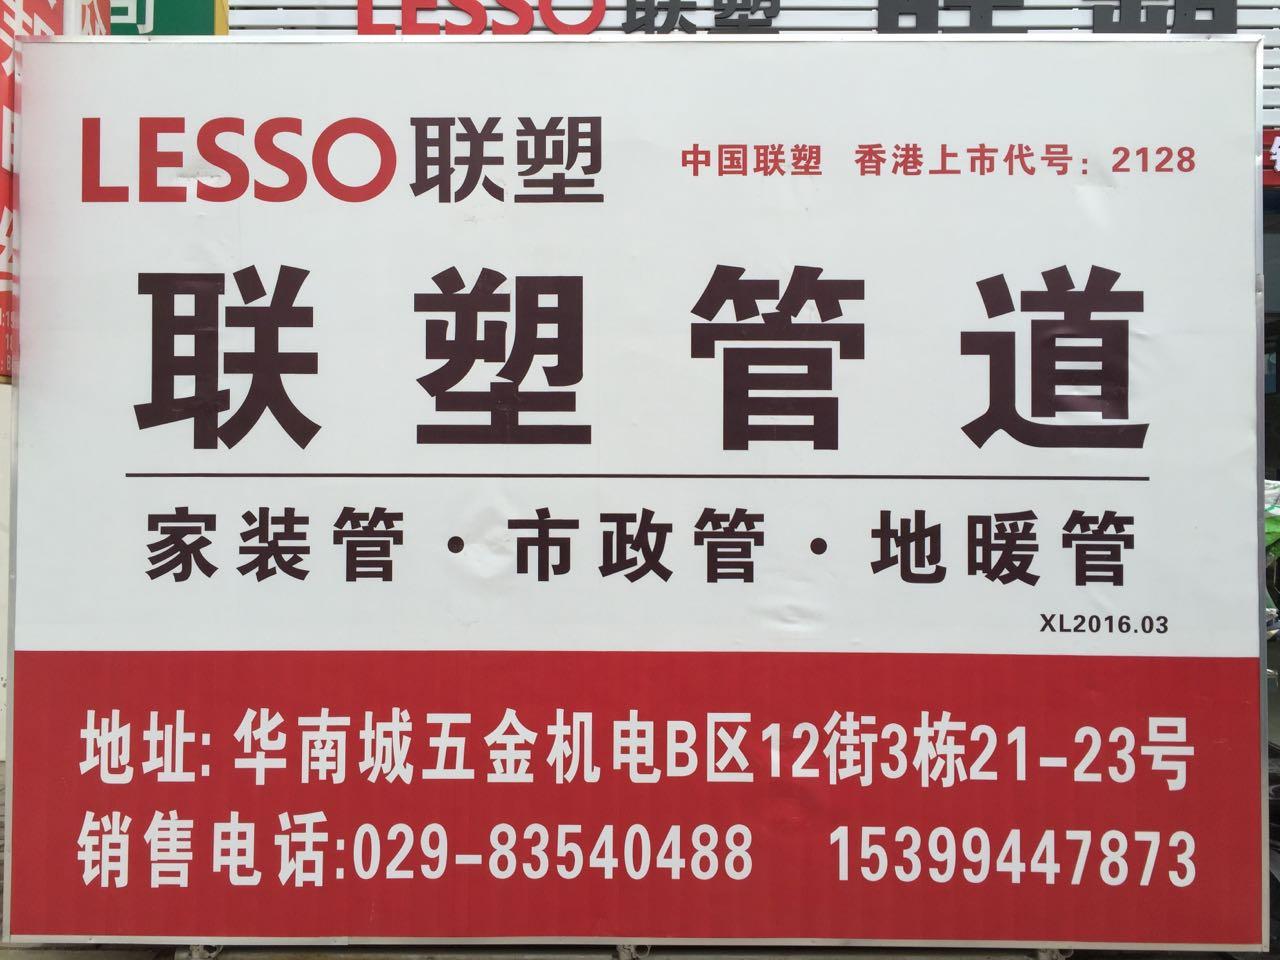 来自肖浩成发布的供应信息:联塑西北一级代理。... - 广东联塑科技实业有限公司